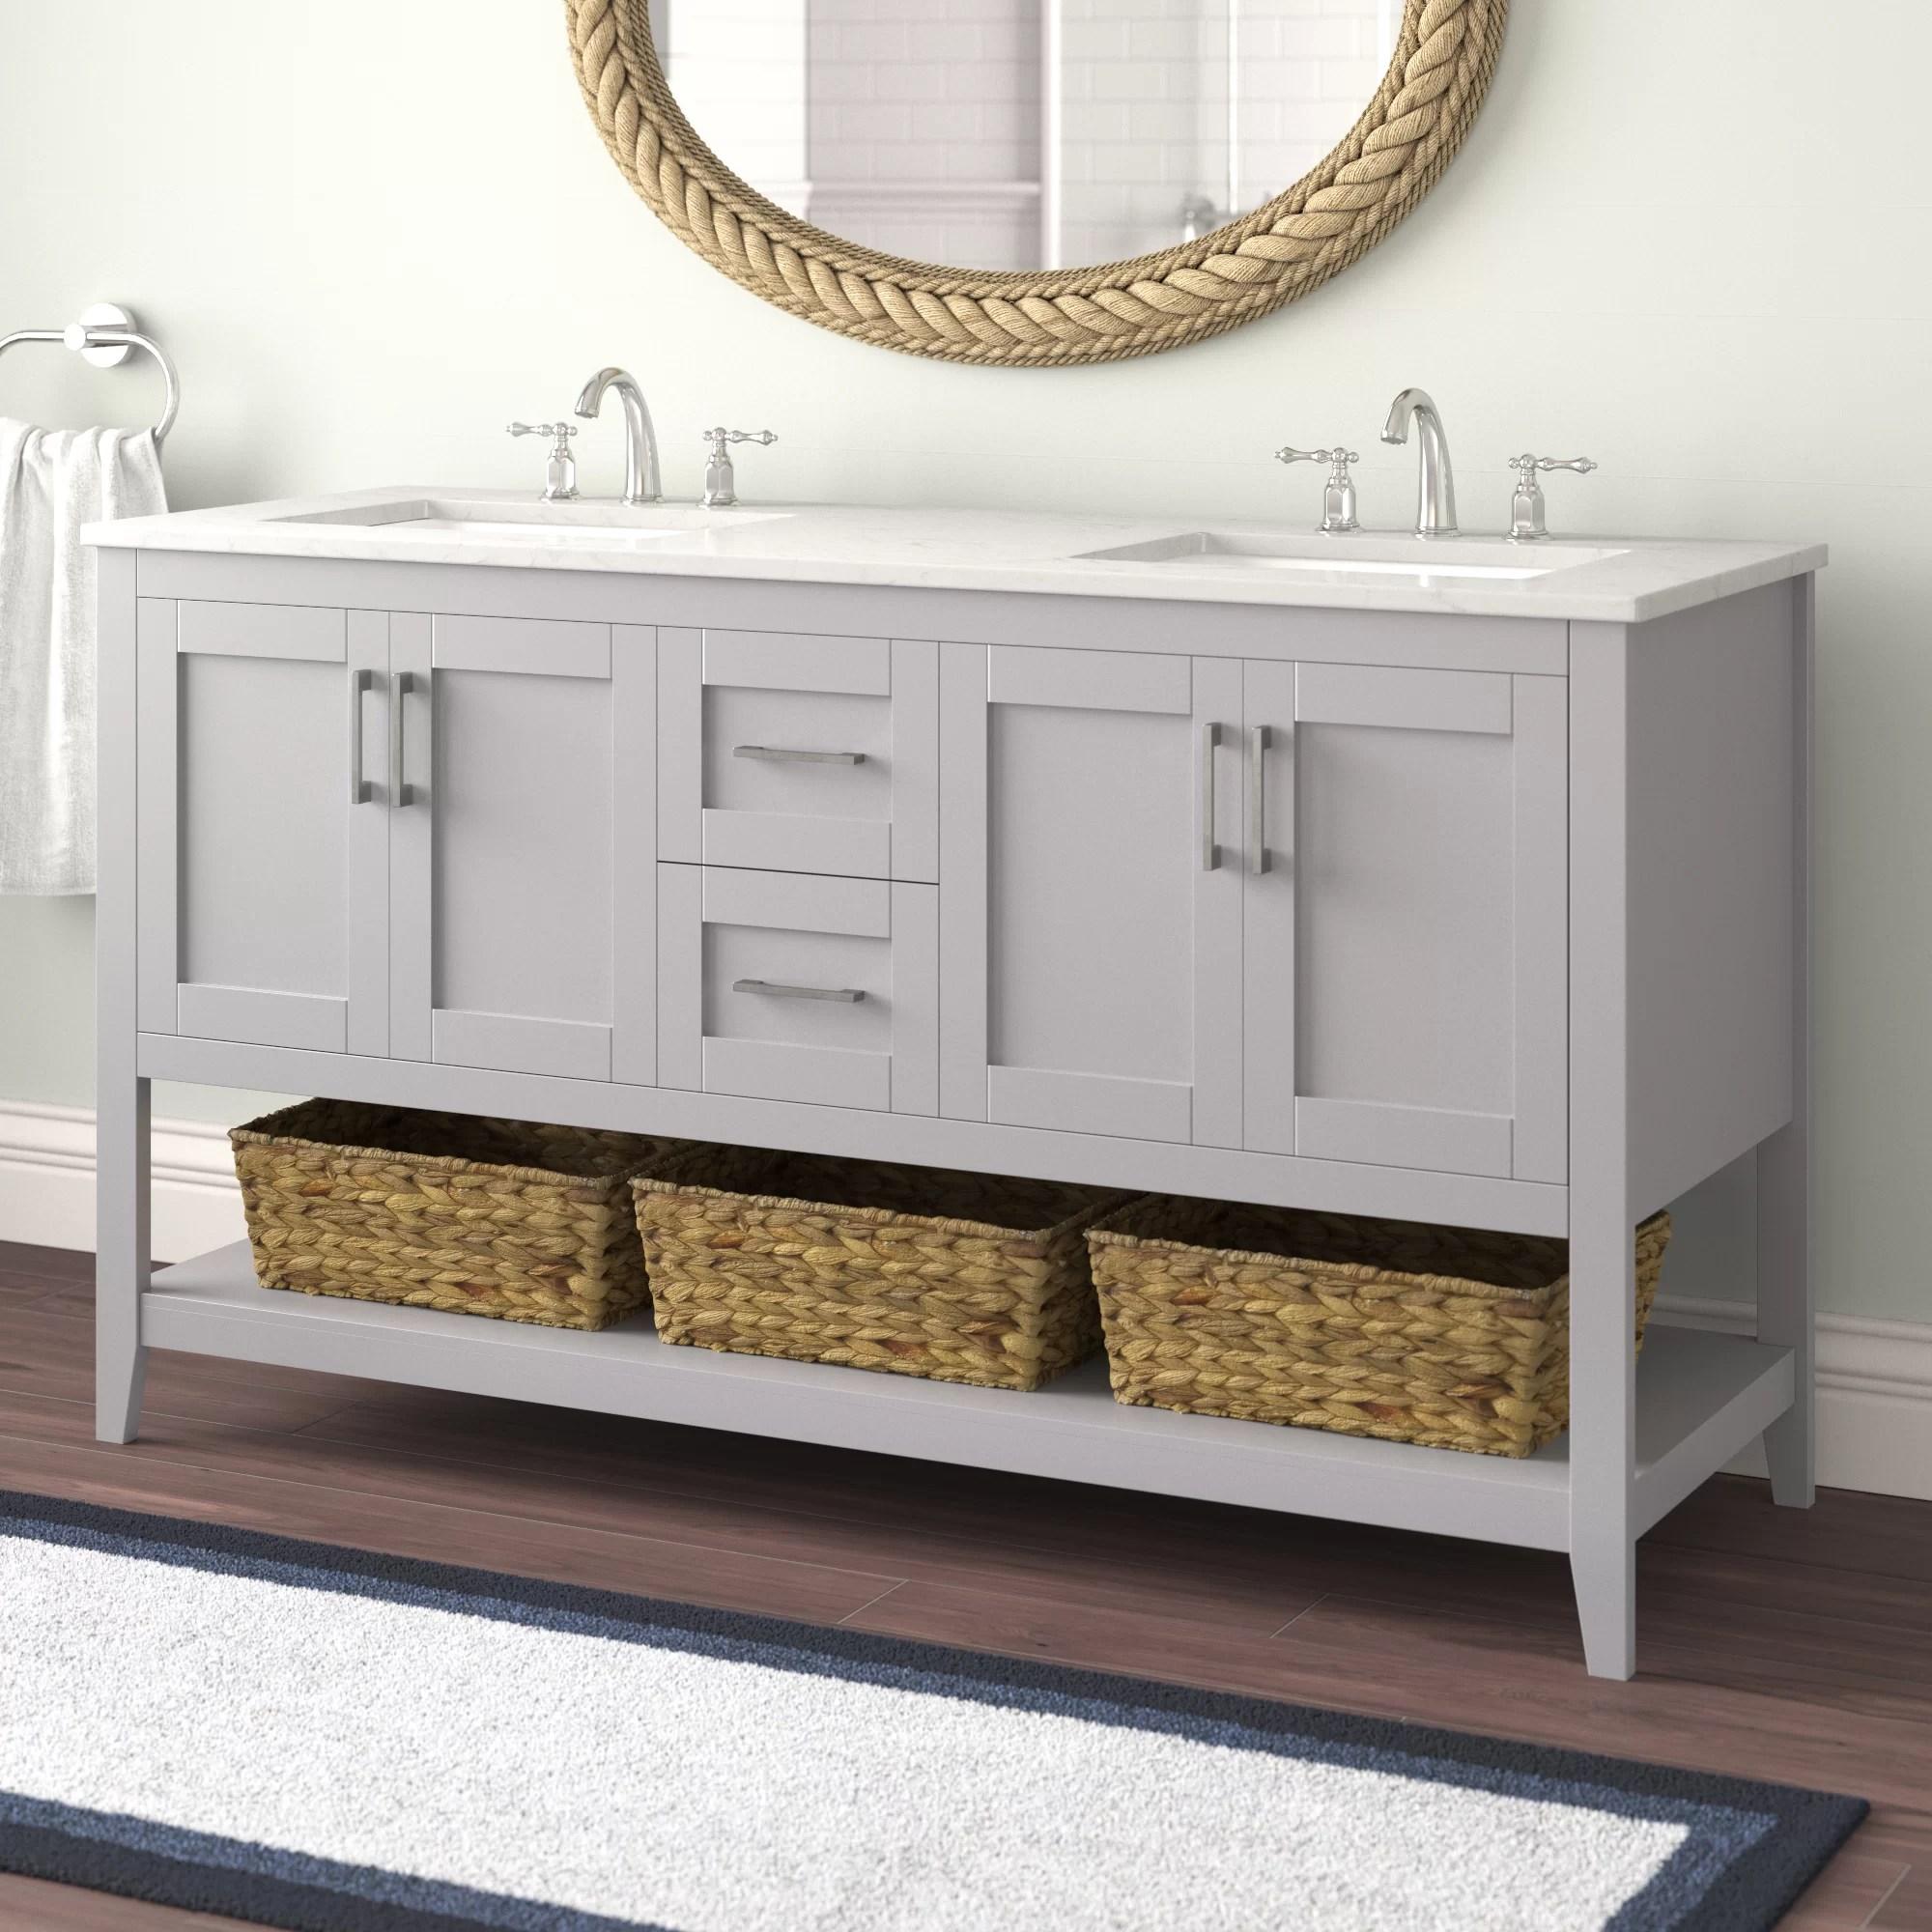 Beachcrest Home Caoimhe 60 Double Bathroom Vanity Set Reviews Wayfair